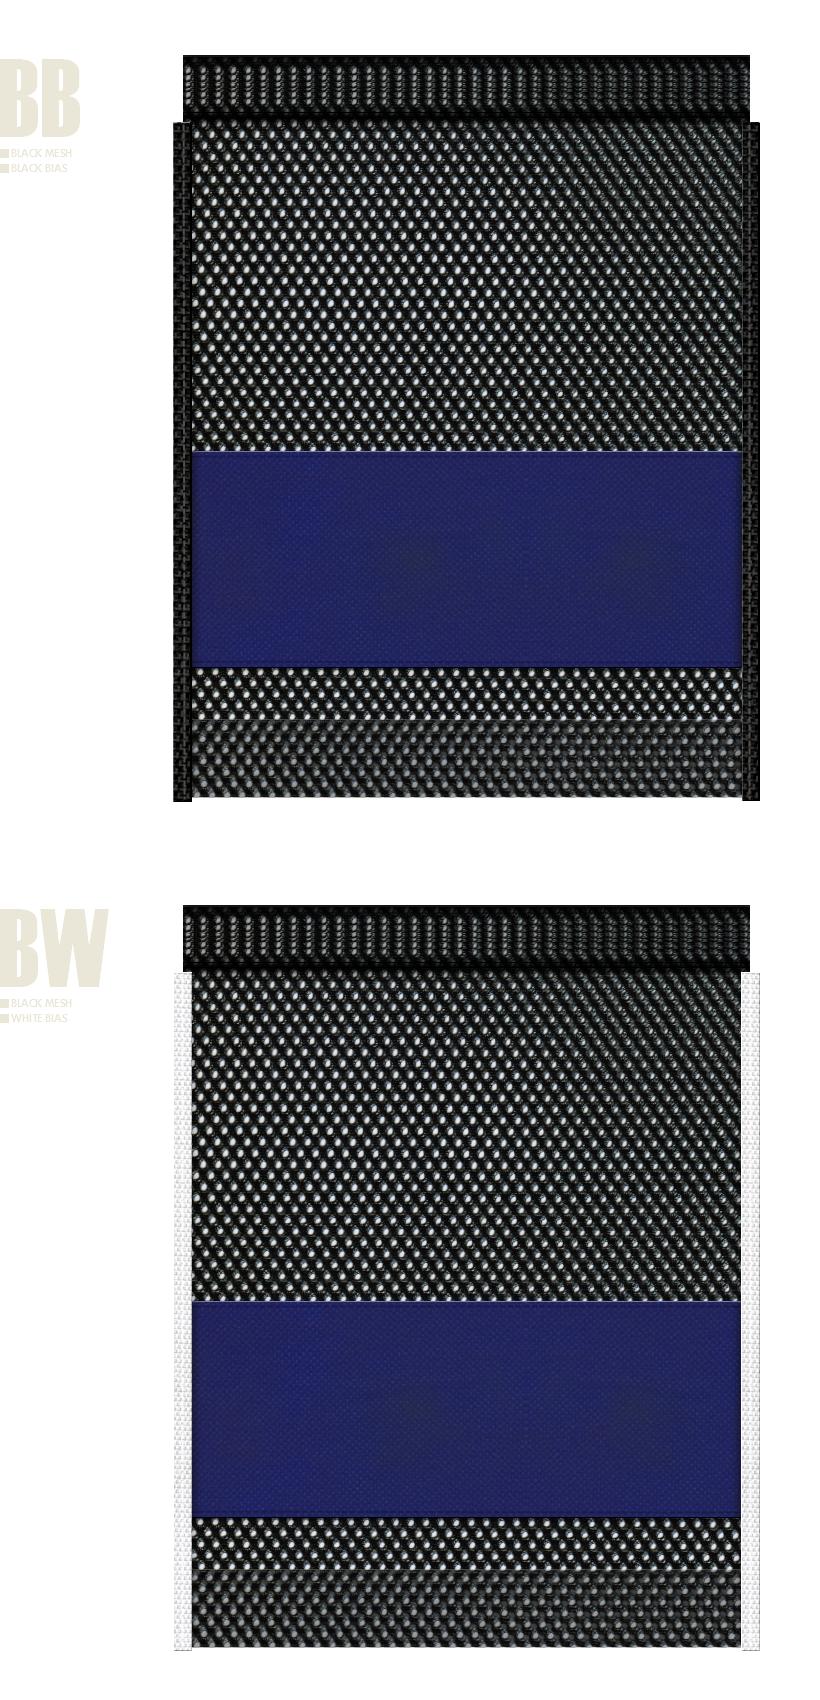 黒色メッシュと紺色不織布のメッシュバッグカラーシミュレーション:マリンスポット・スポーツ用品・シューズバッグにお奨め